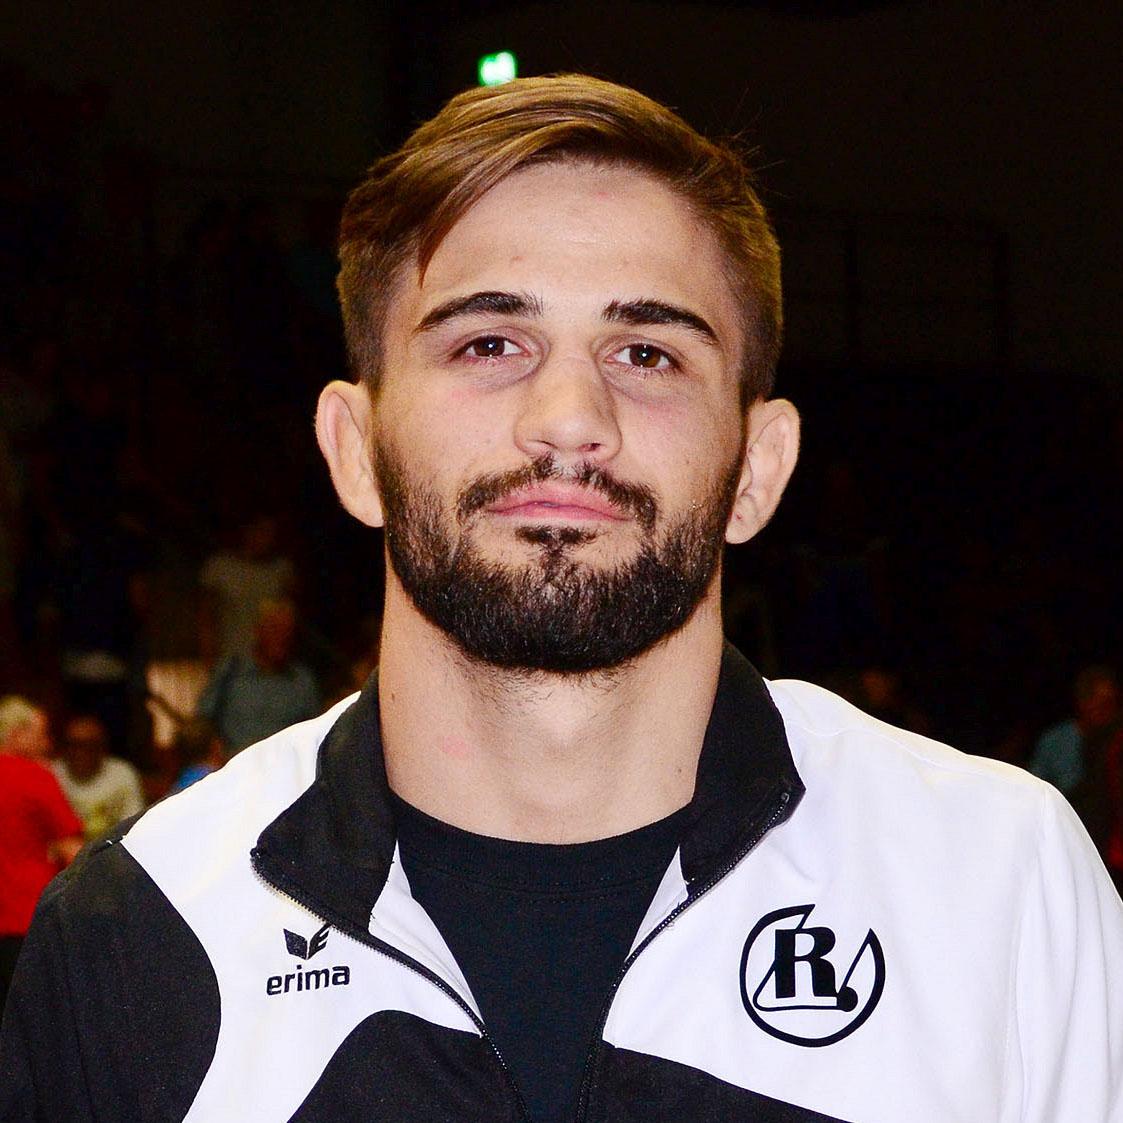 Alexander Grebensikov, RSV Rotation Greiz